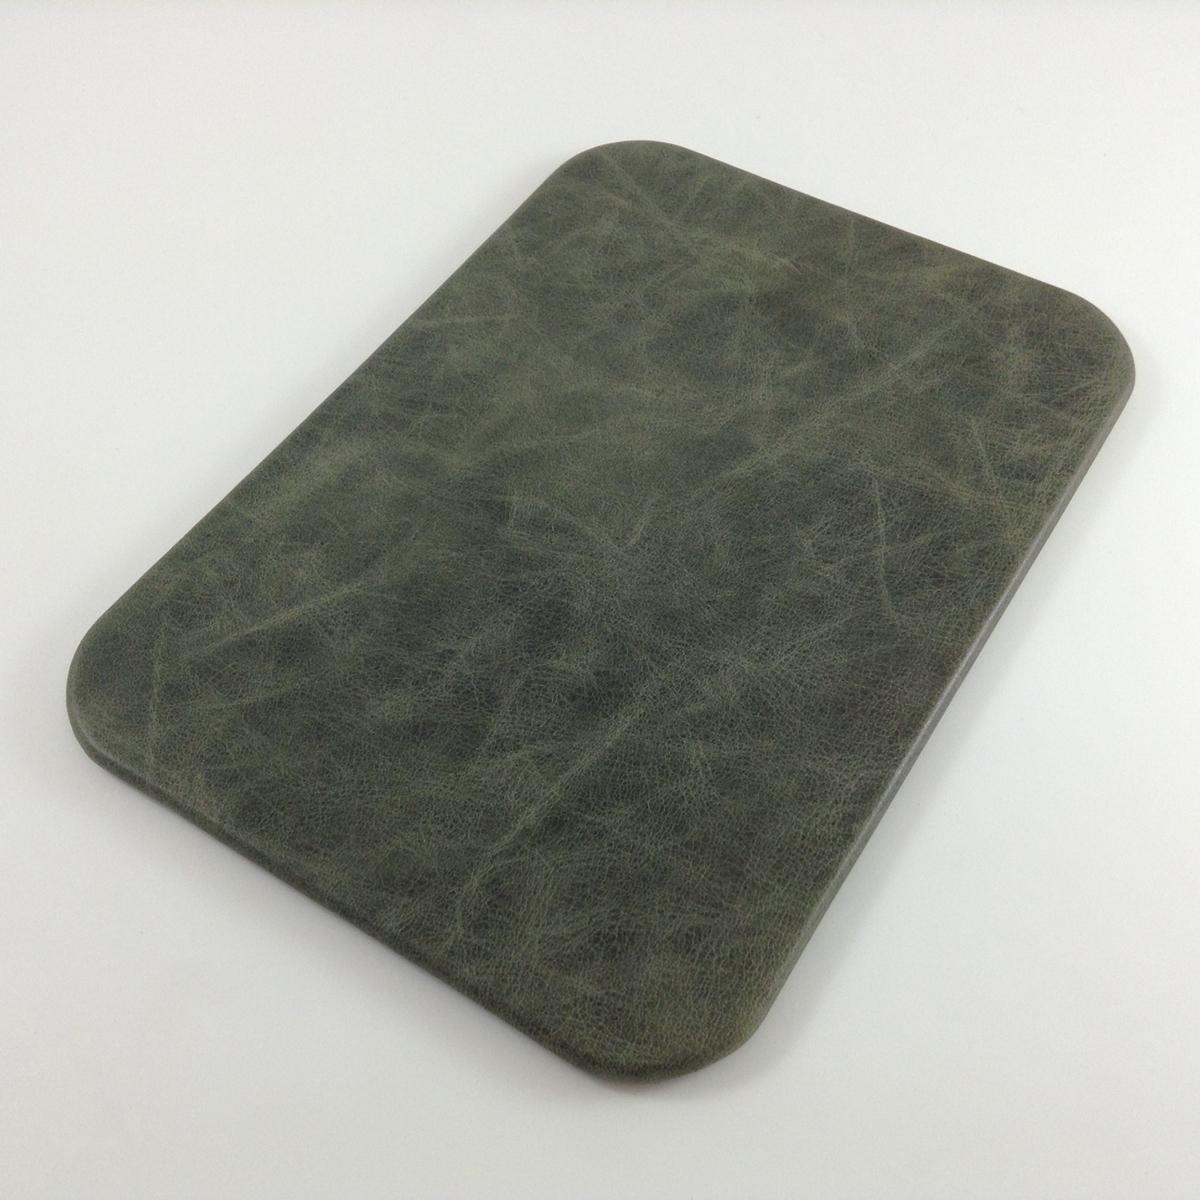 Verde Antiqued Leather Desk Pad